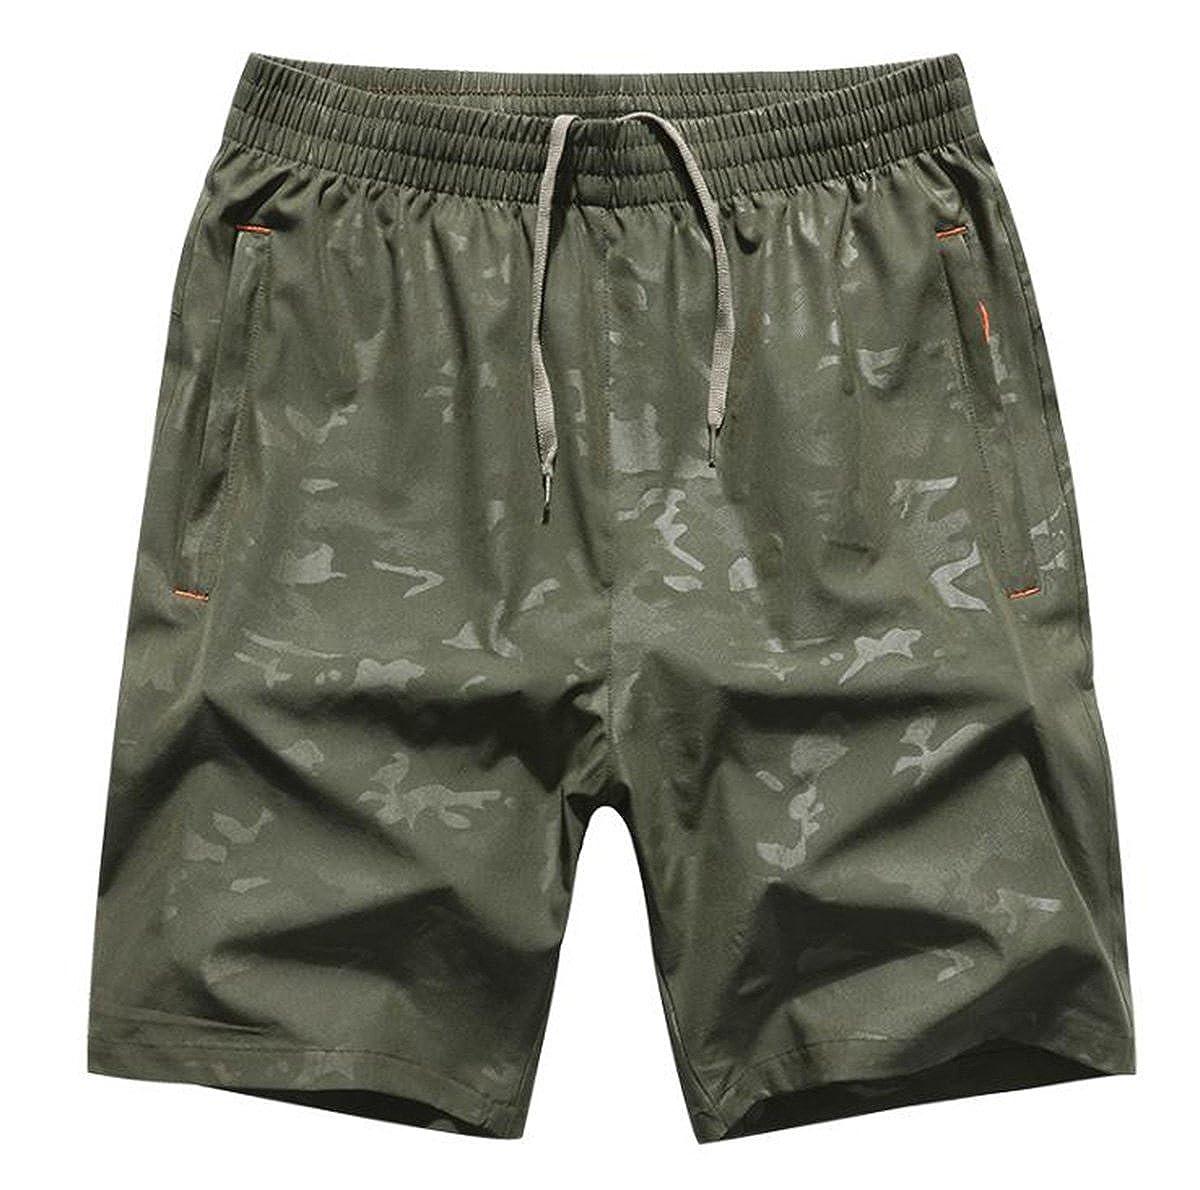 JUNG KOOK SHORTS メンズ XXX-Large アーミーグリーン B07FHLPWTV